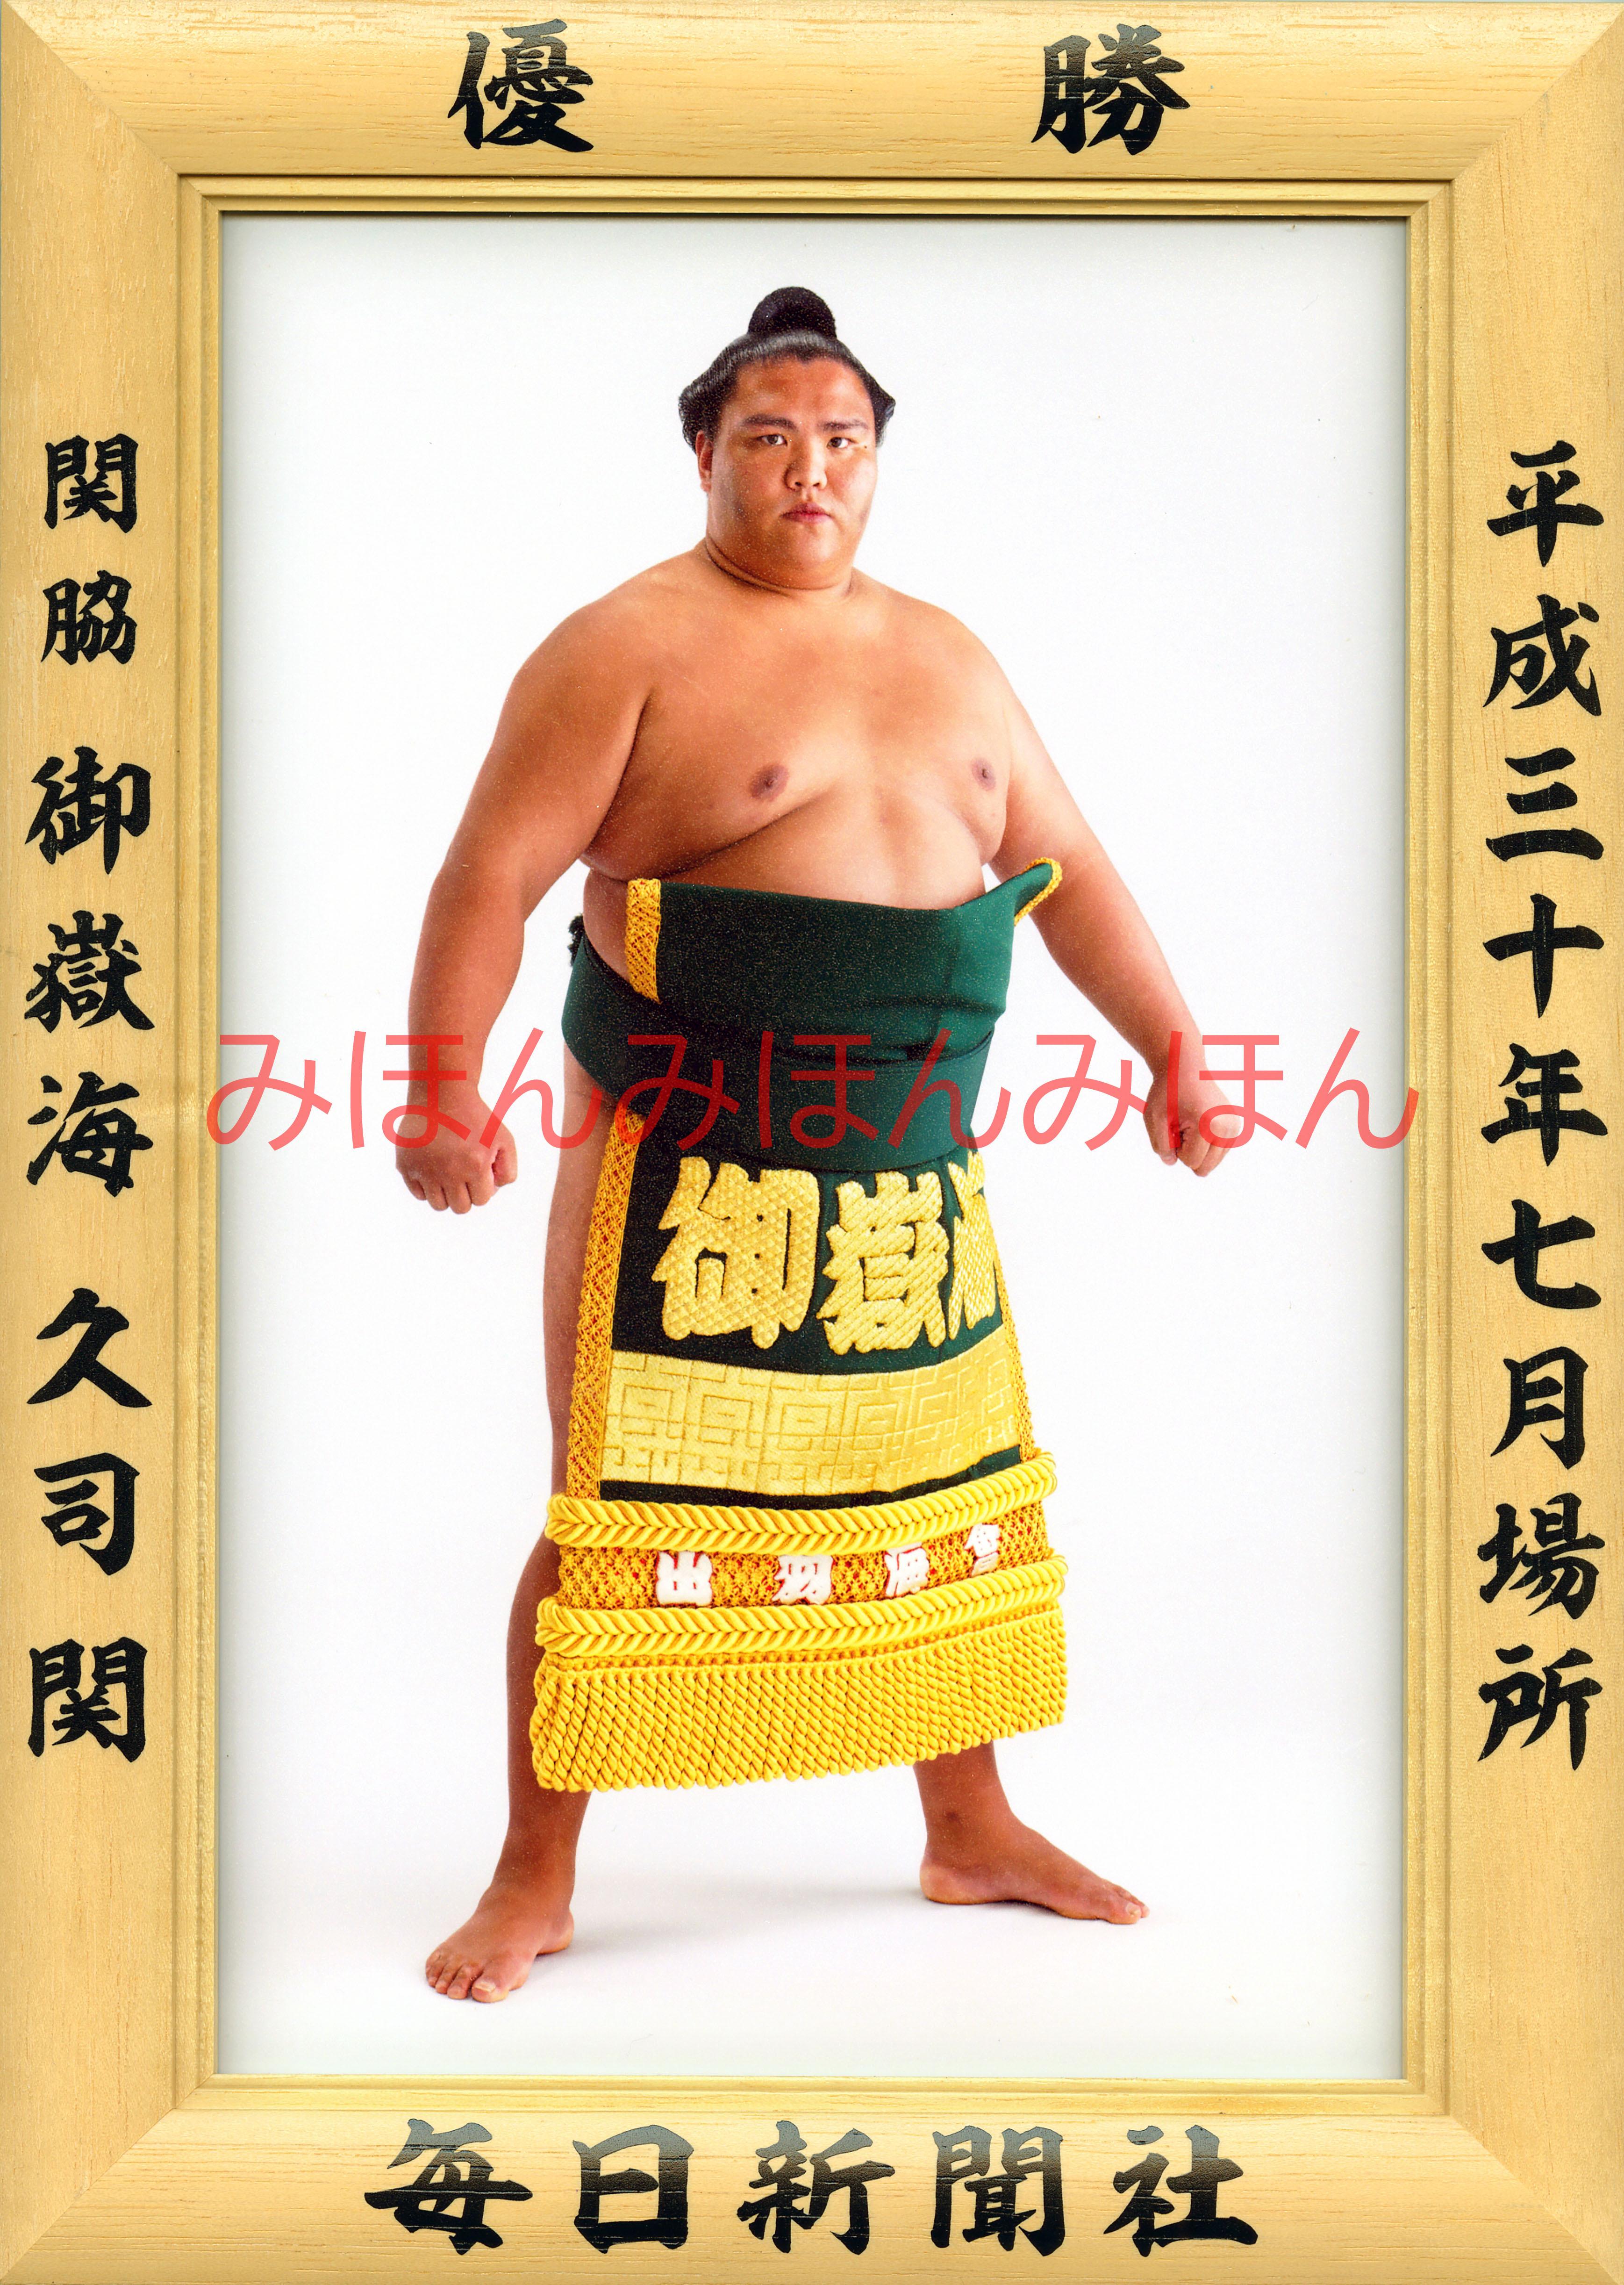 平成30年7月場所優勝 関脇 御嶽海久司関(初優勝)